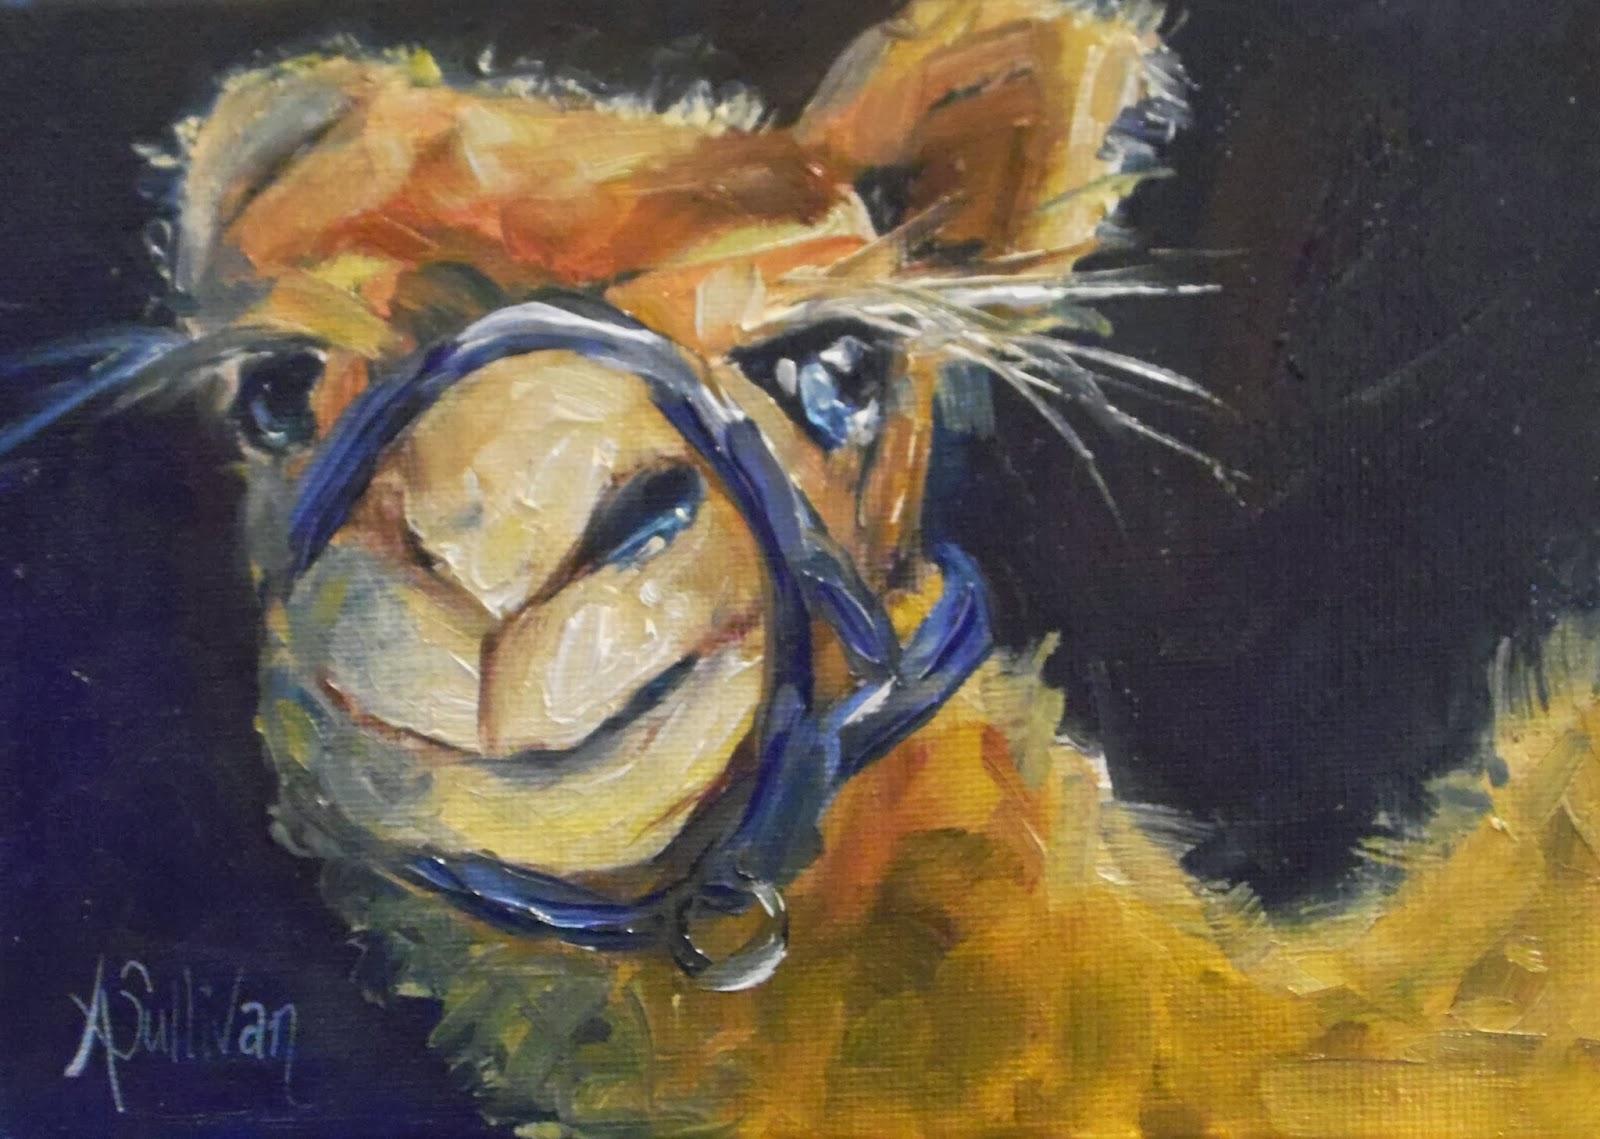 THROUGH THE EYES OF AN ARTIST: Midnight Desert camel